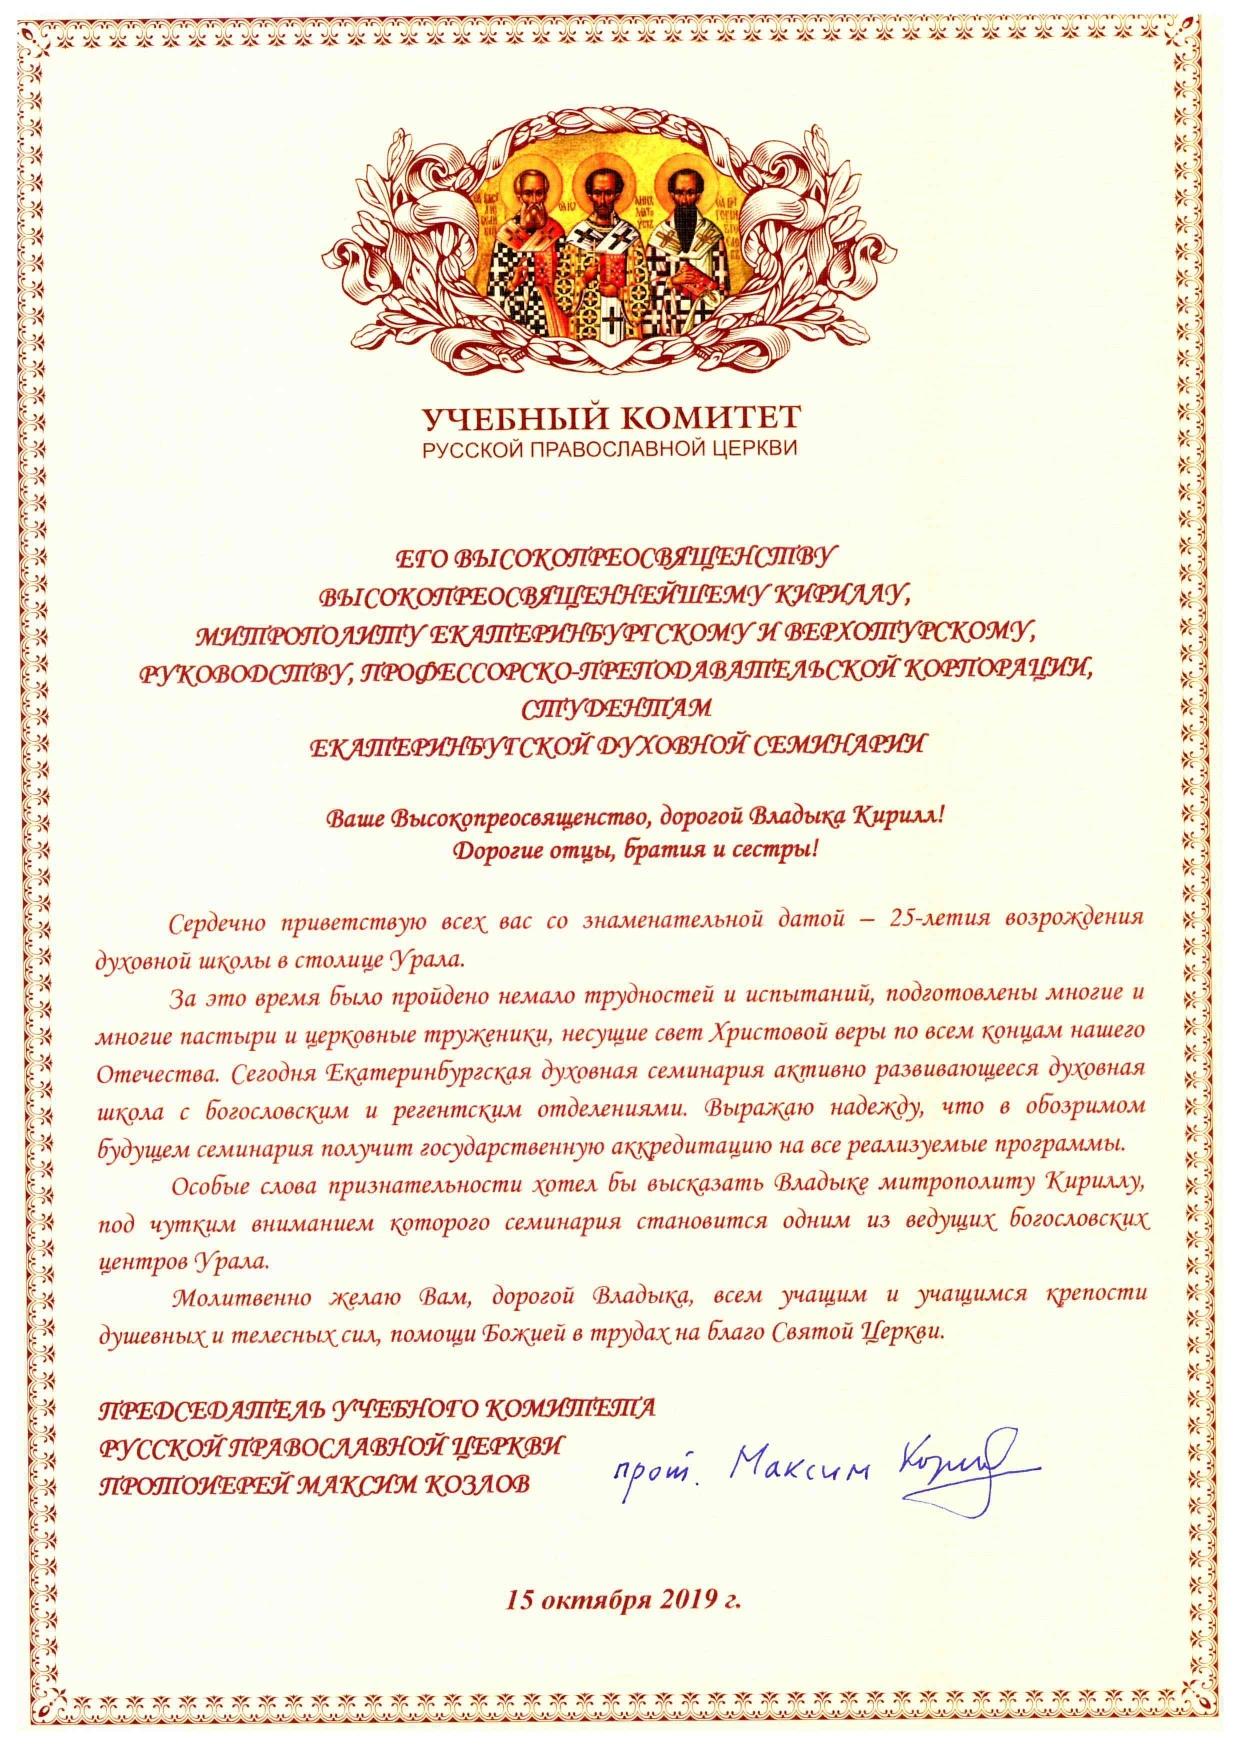 Поздравление председателя комитета